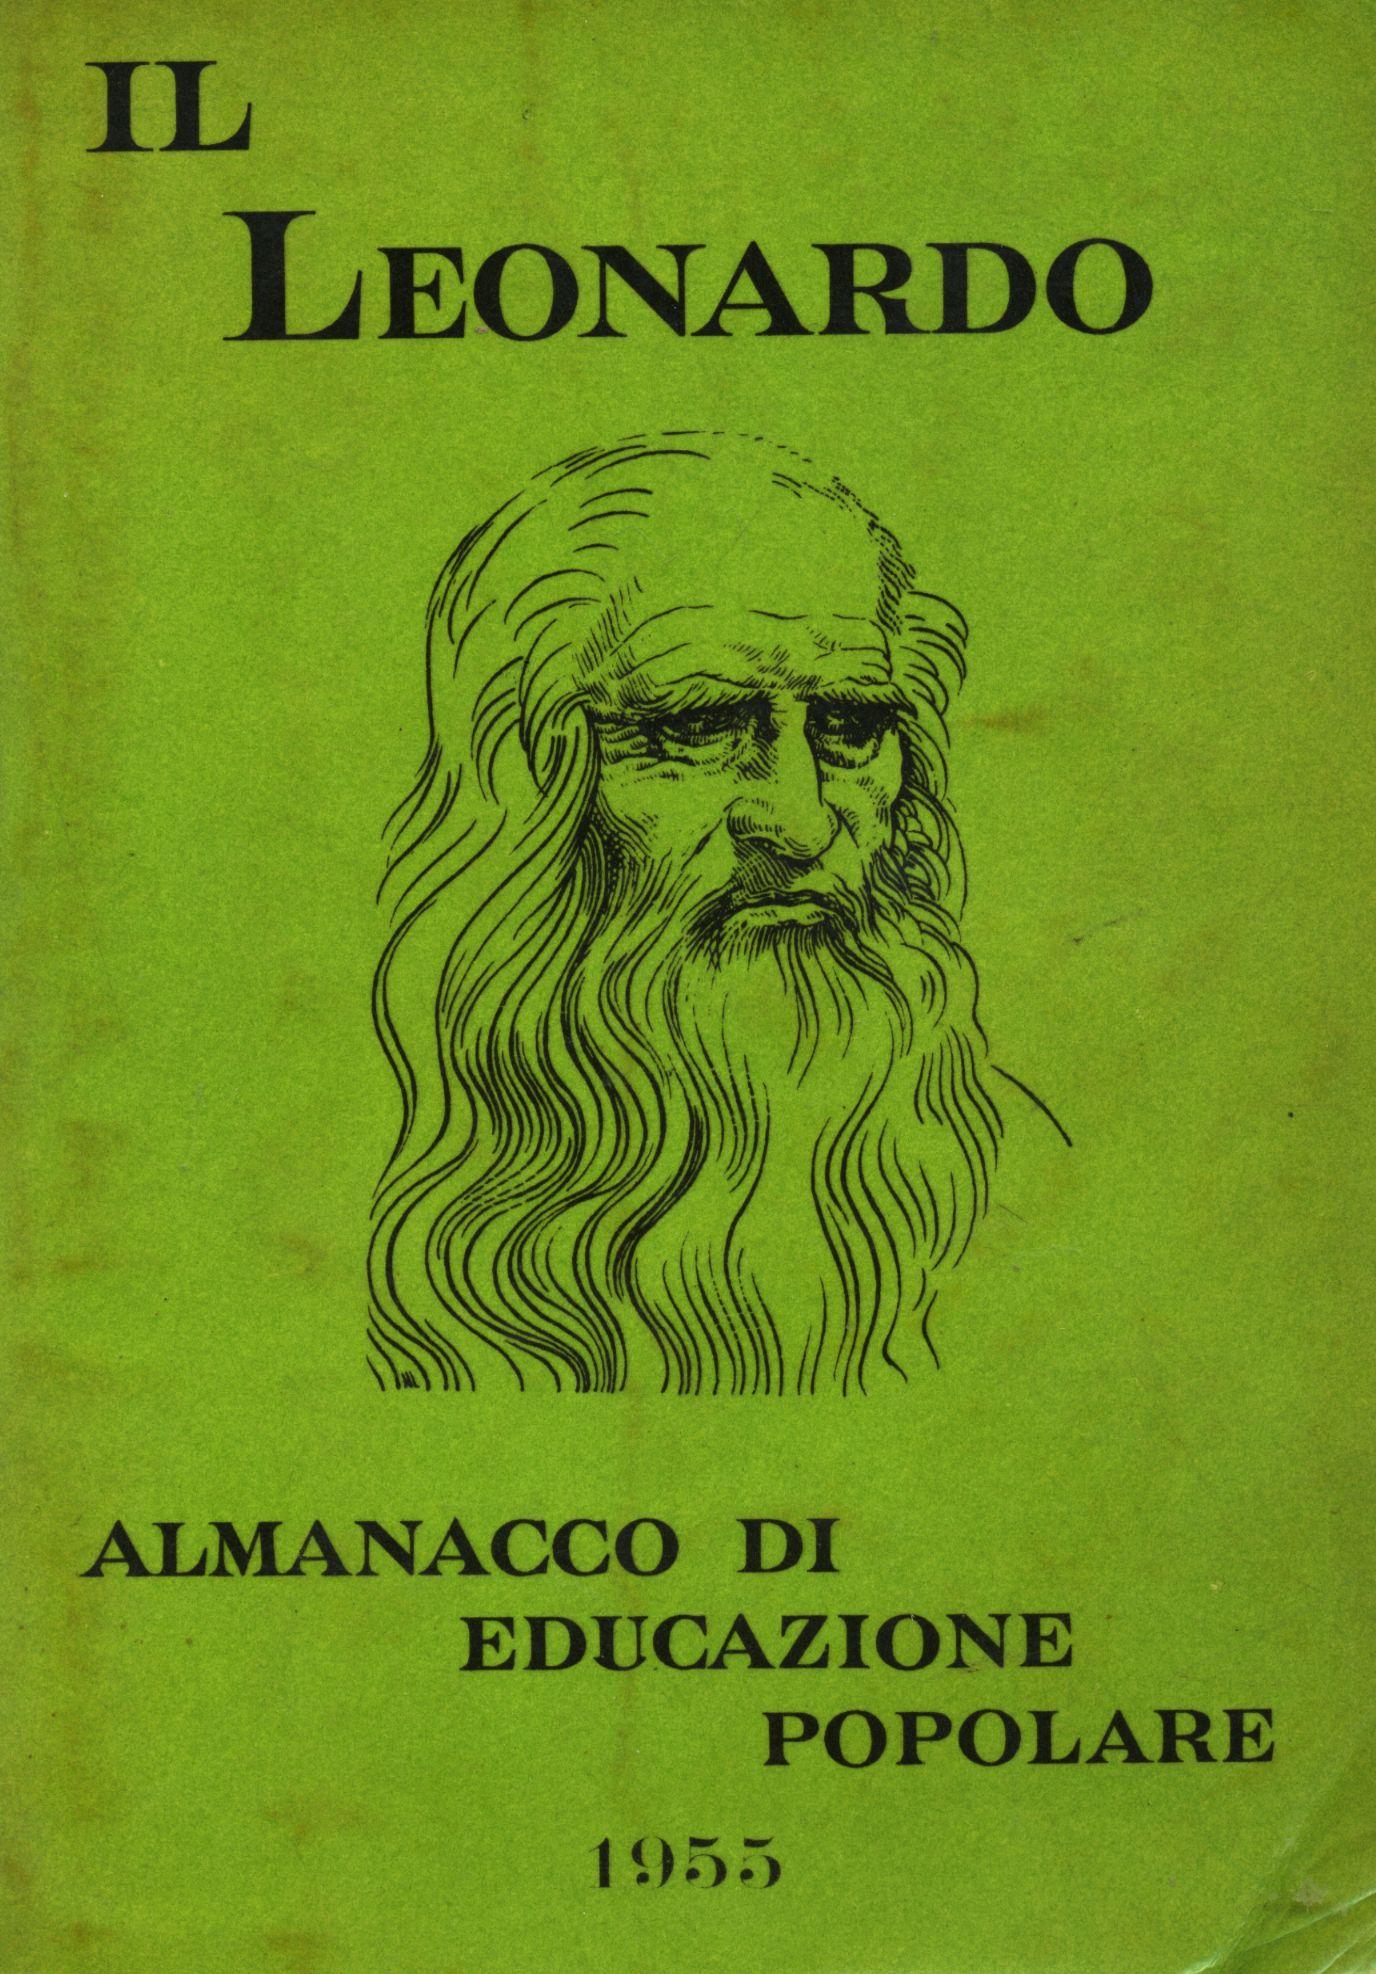 Il Leonardo 1955